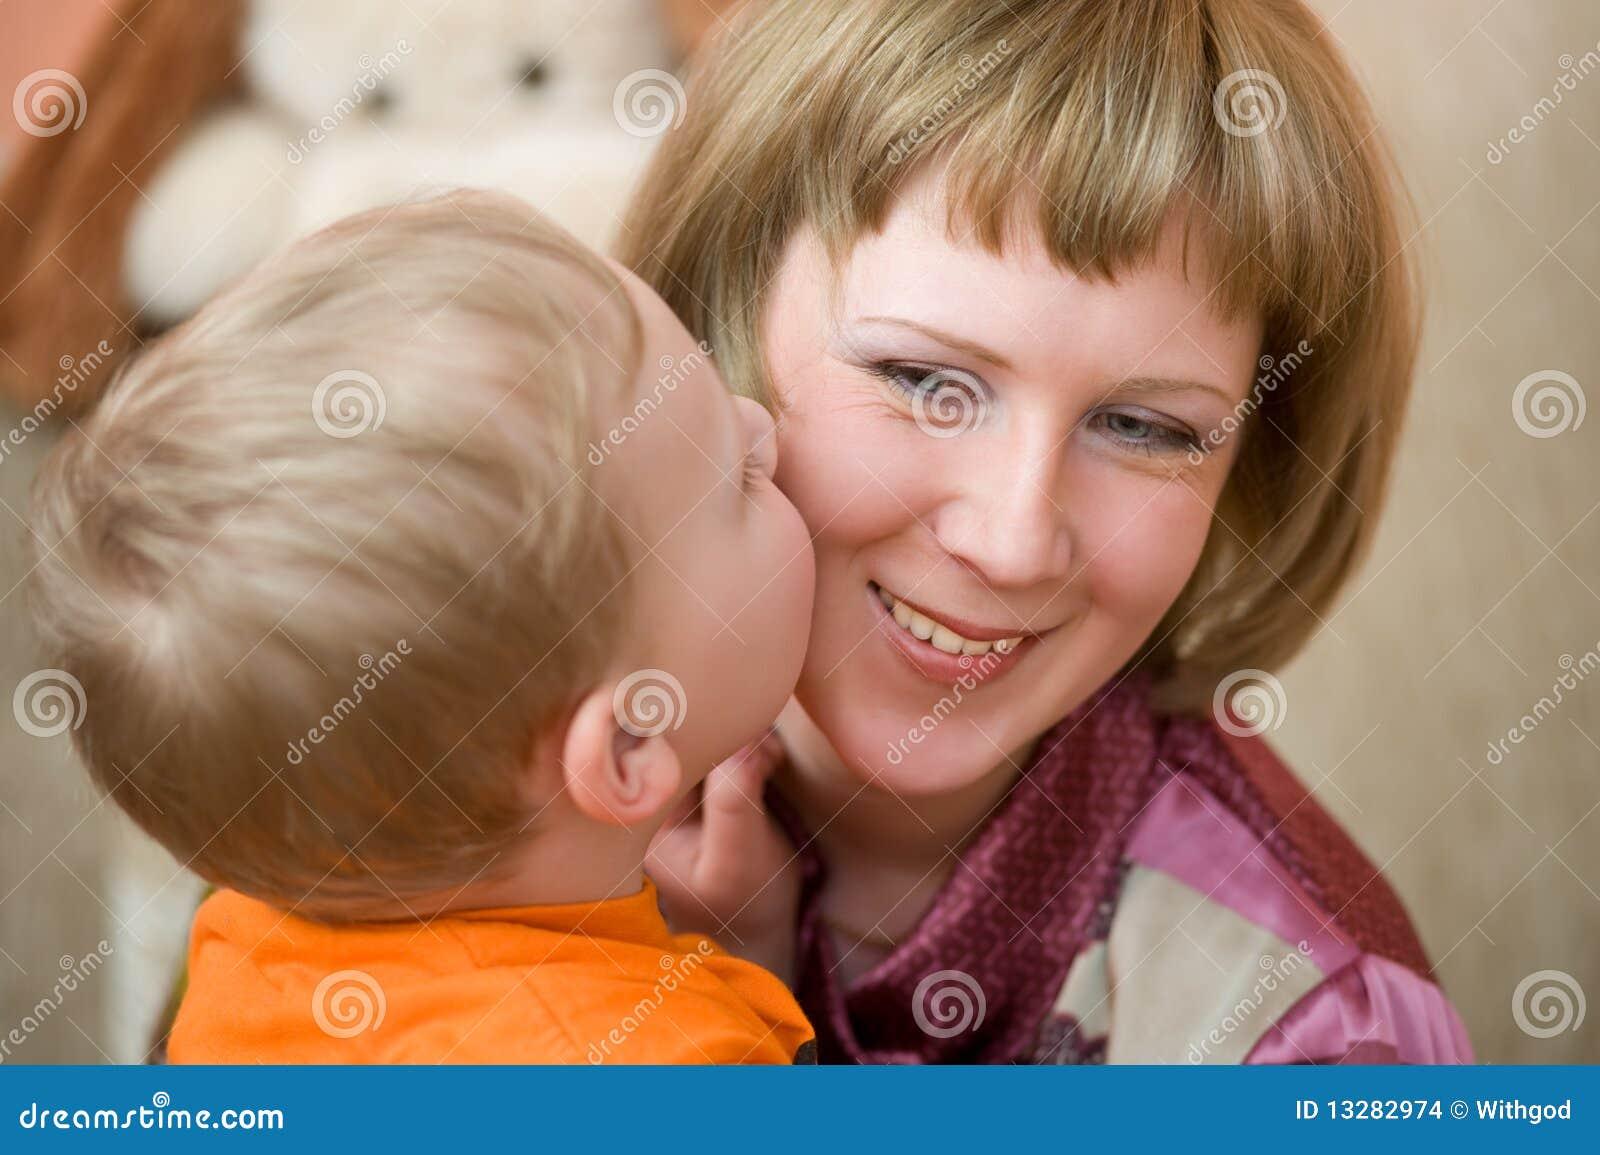 Секс сын трахает мать в картинках, Мама и сын » Инцест фото. Порно мамы и сына, папы 20 фотография